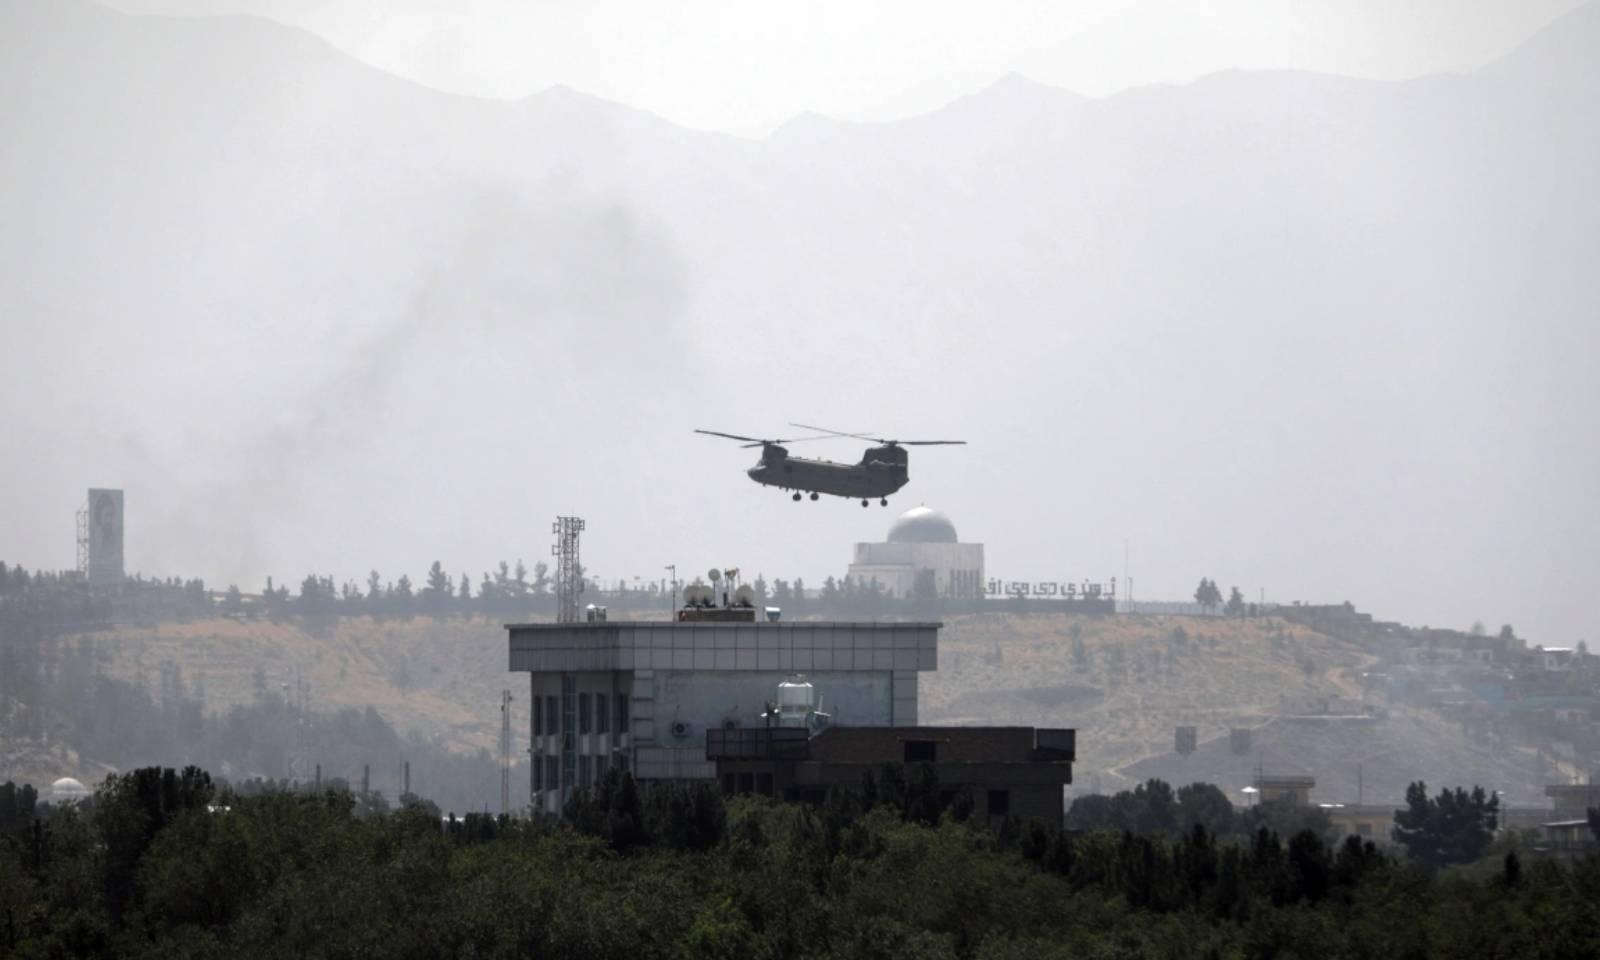 طالبان کے کابل کی طرف بڑھنے پر امریکی ہیلی کاپٹرز اپنے سفارتخانے کا رخ کررہے ہیں—فوٹو: اے پی